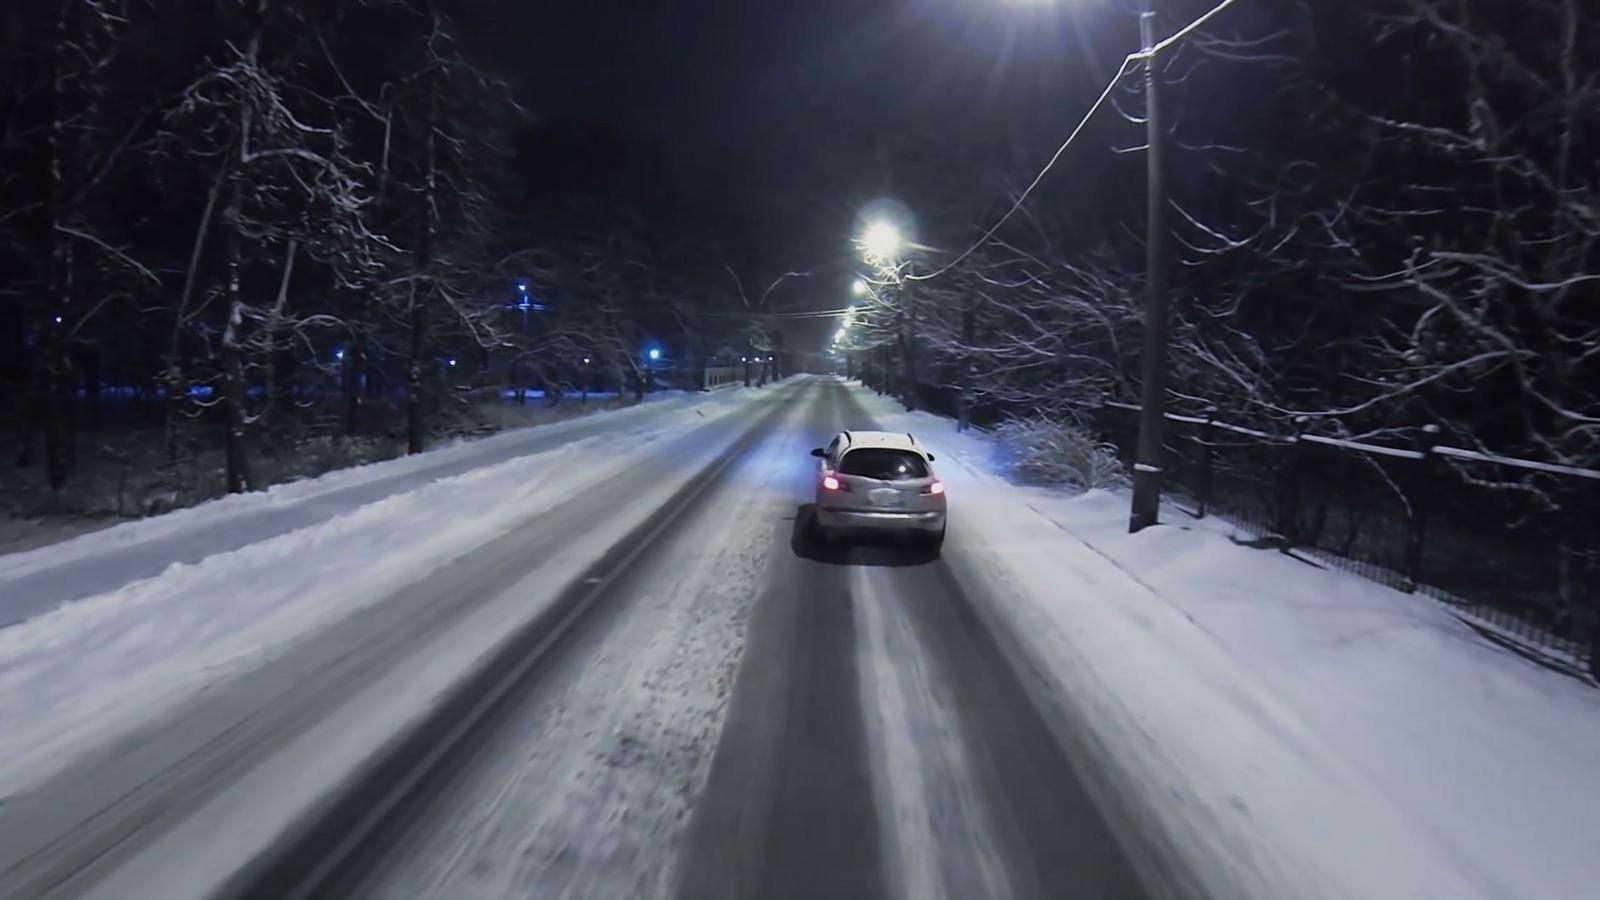 Naktį eismo sąlygas sunkins plikledis ir rūkas!